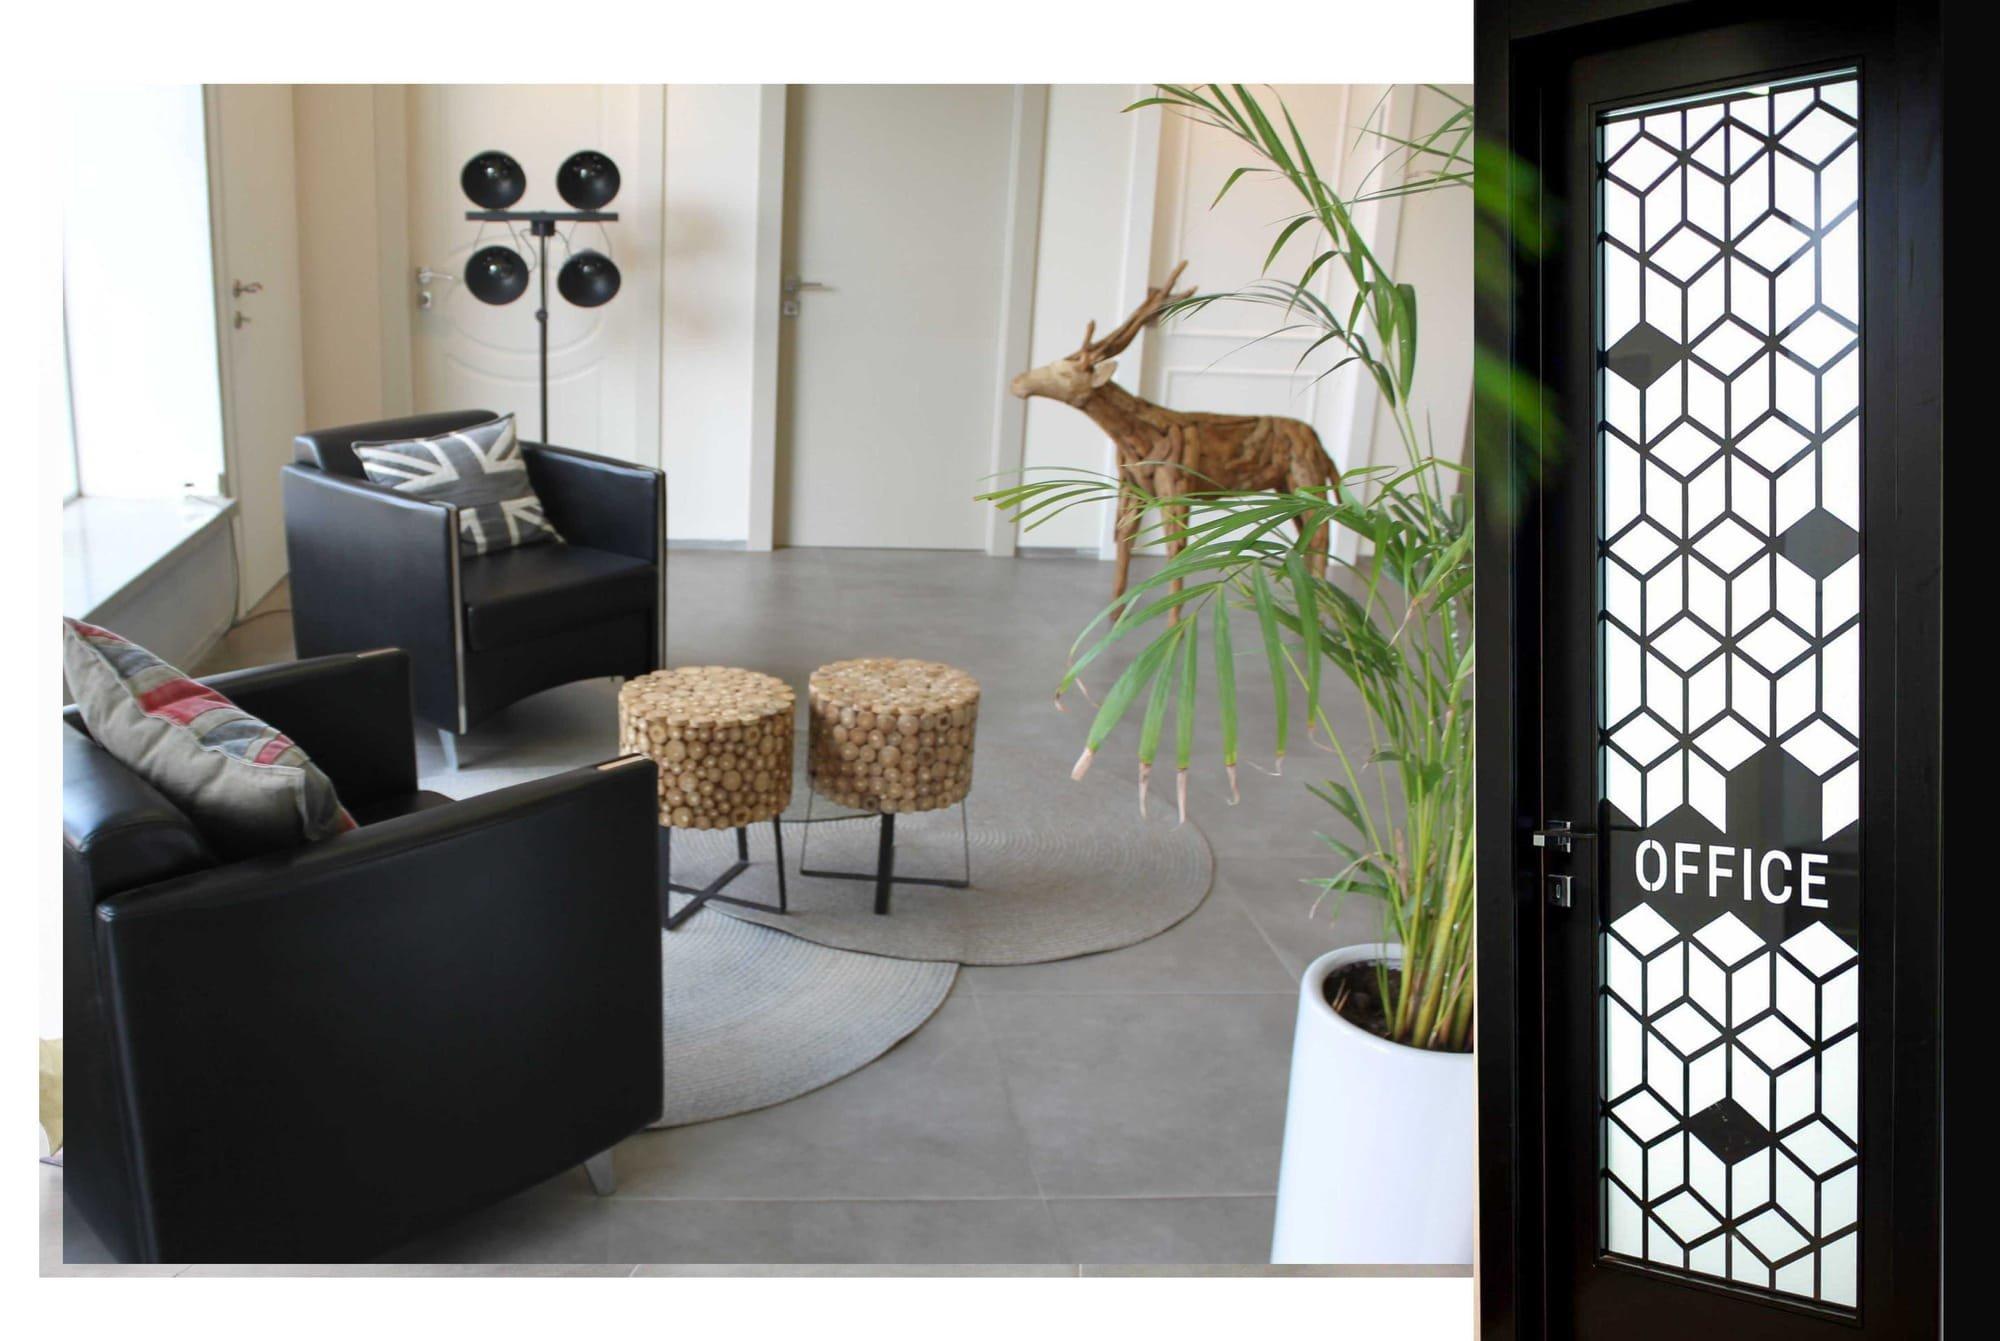 עיצוב אולם תצוגה - דלתות